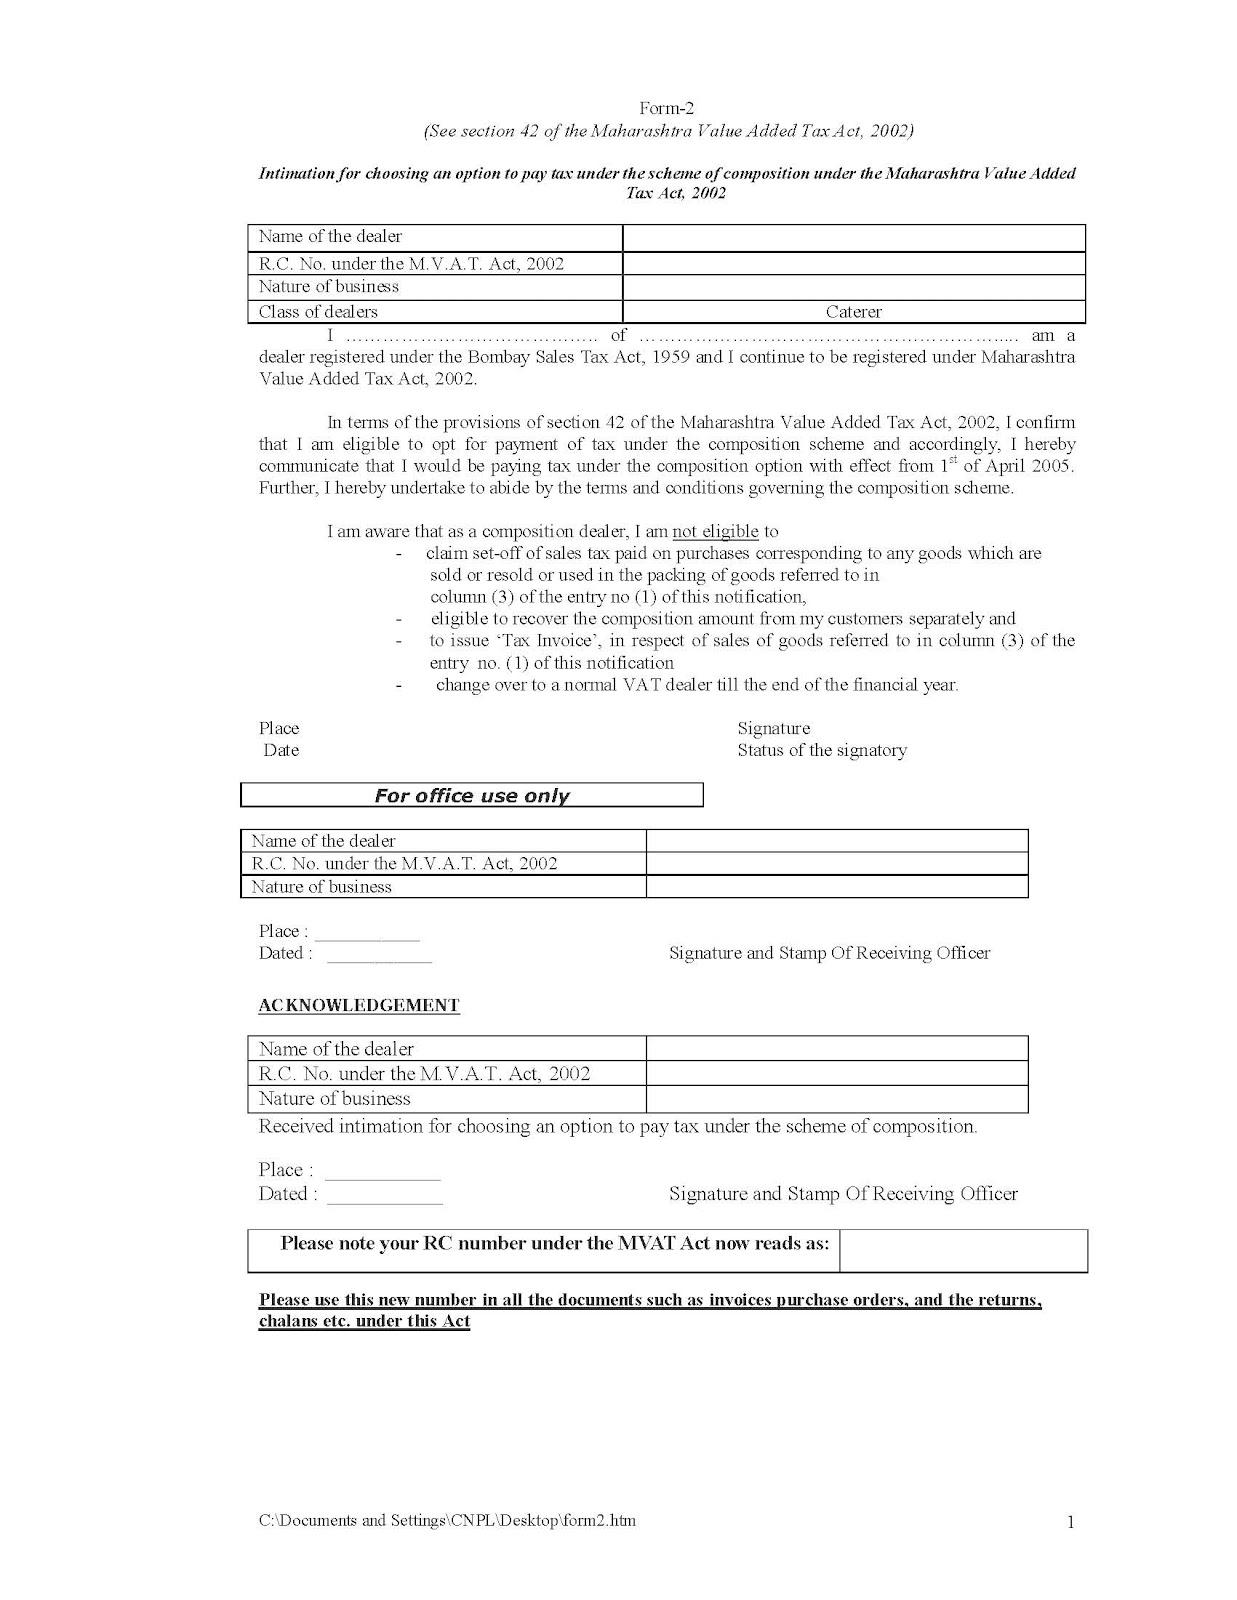 CA Kamal Gangaramani B  Com , FCA, DISA(ICAI): Form 2 For